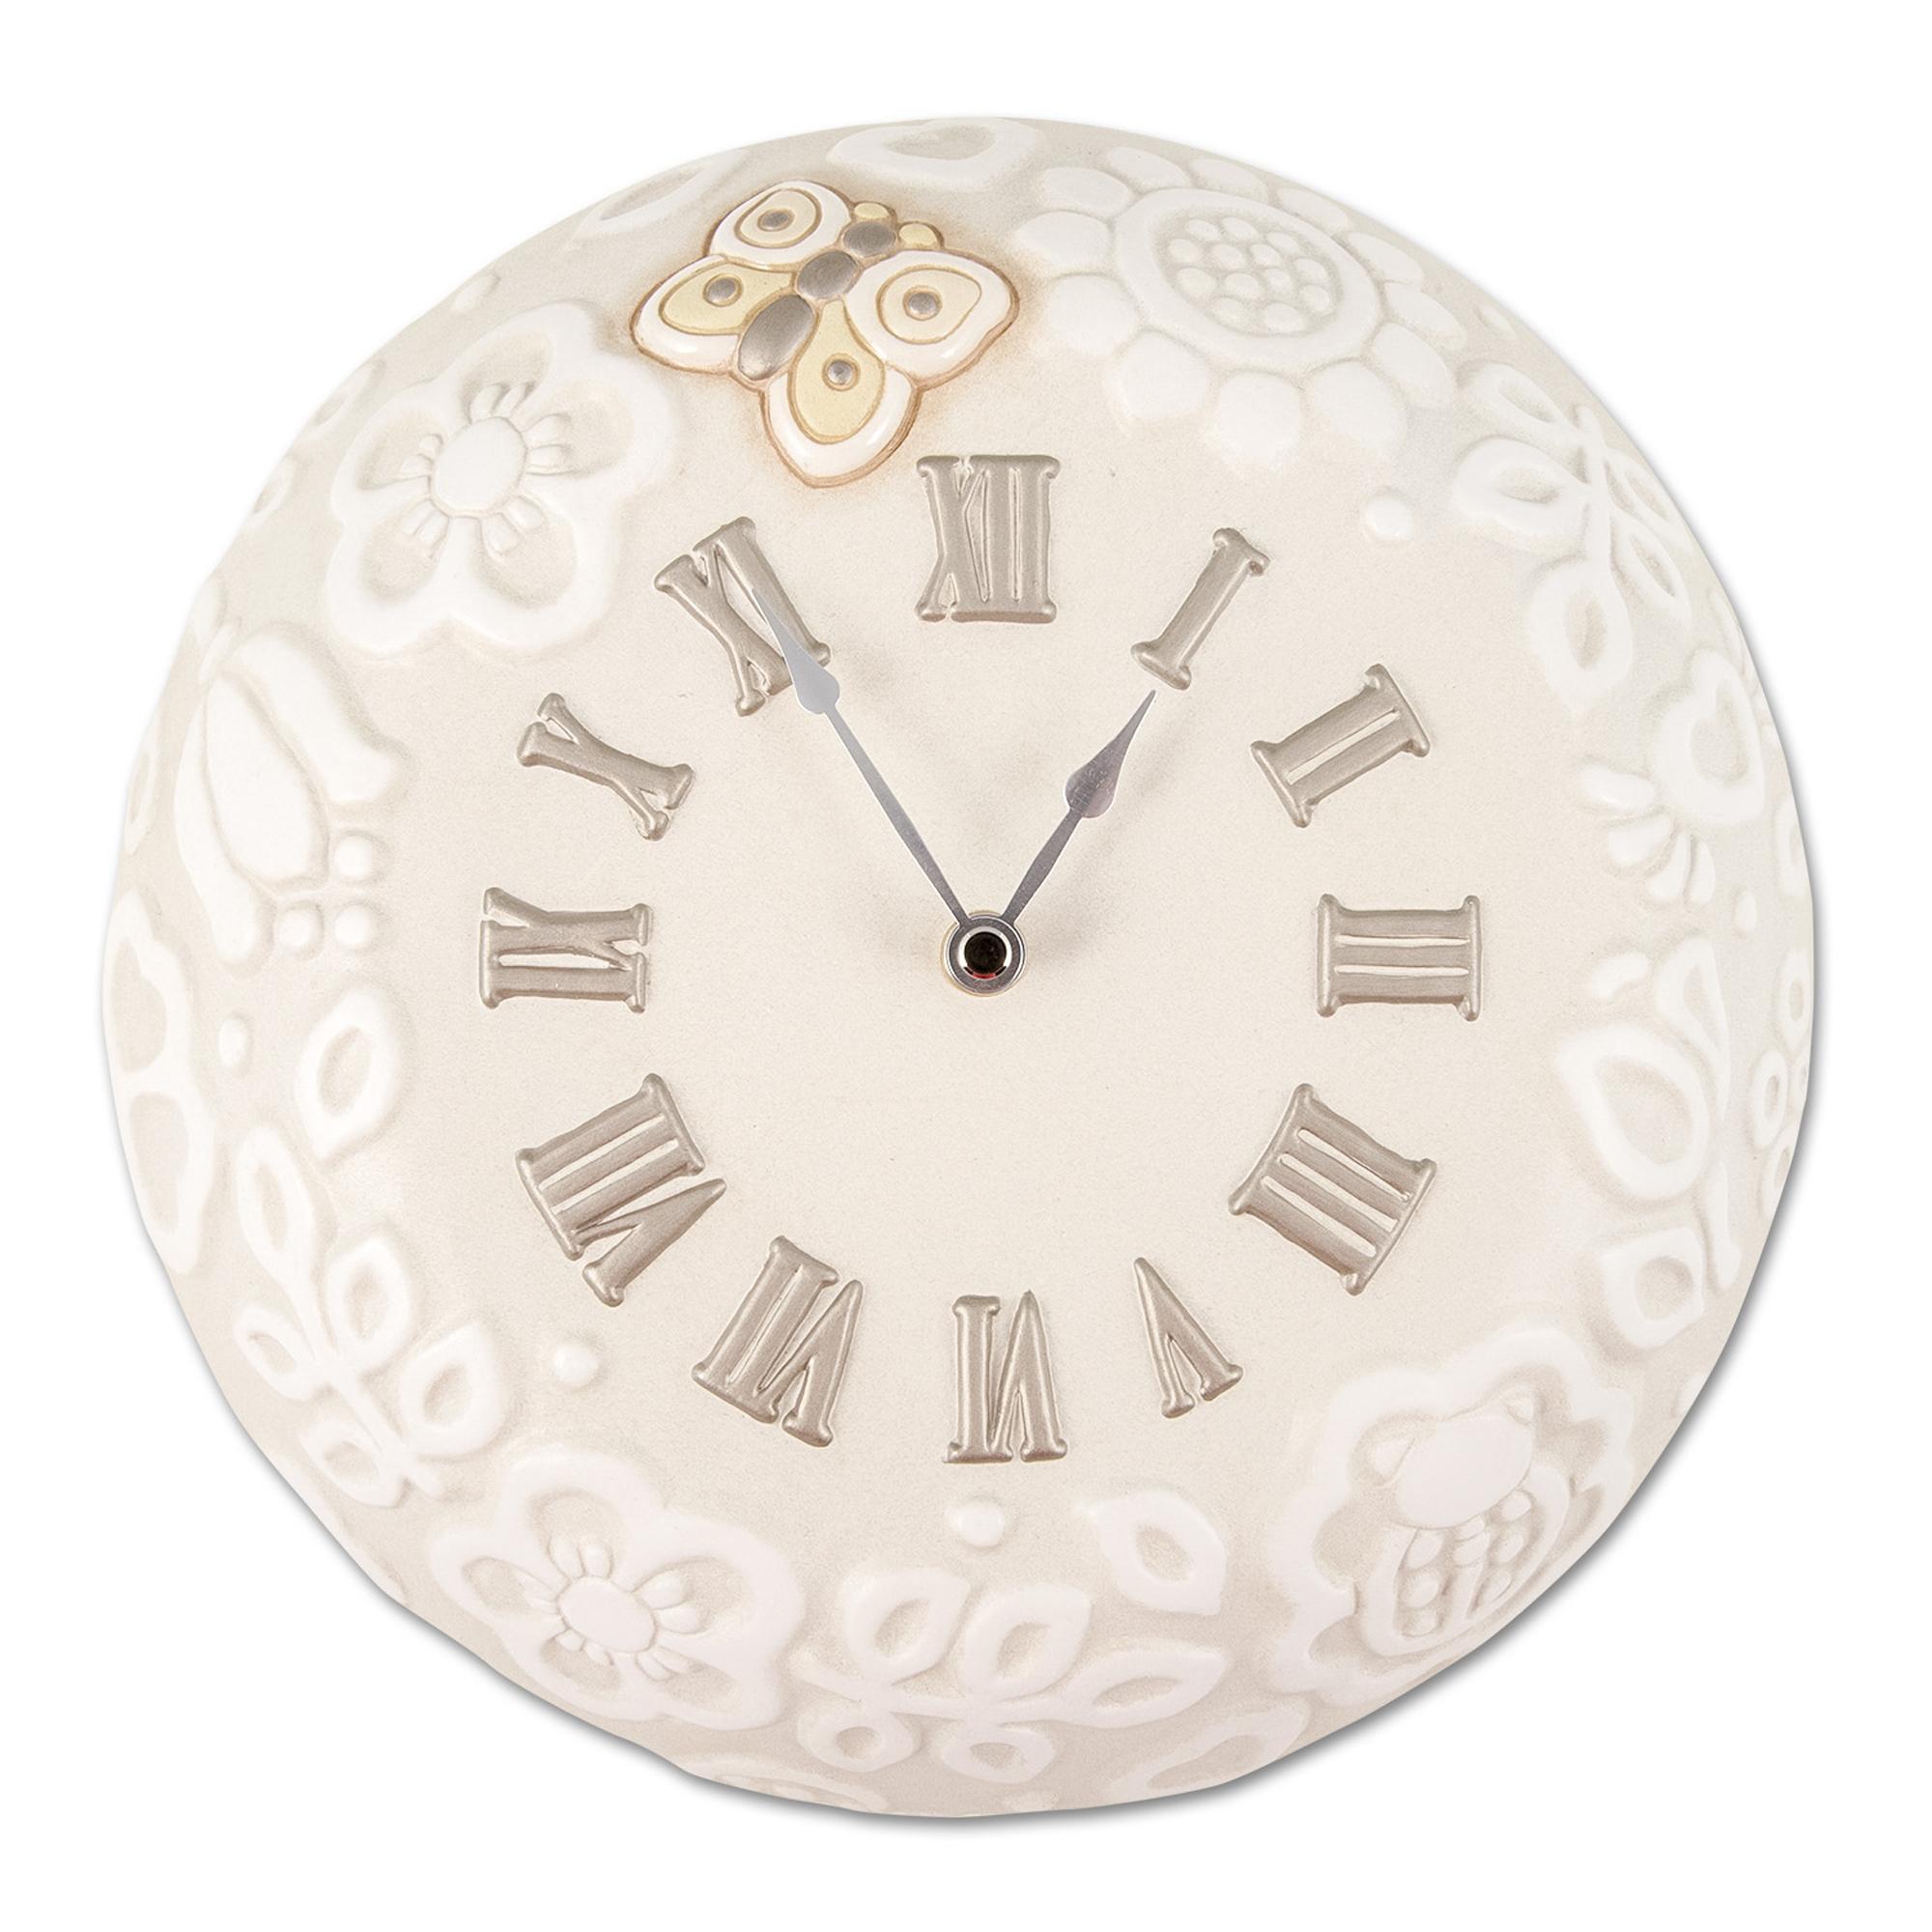 orologio quadrato da parete prestige variopinto,variopinto soft